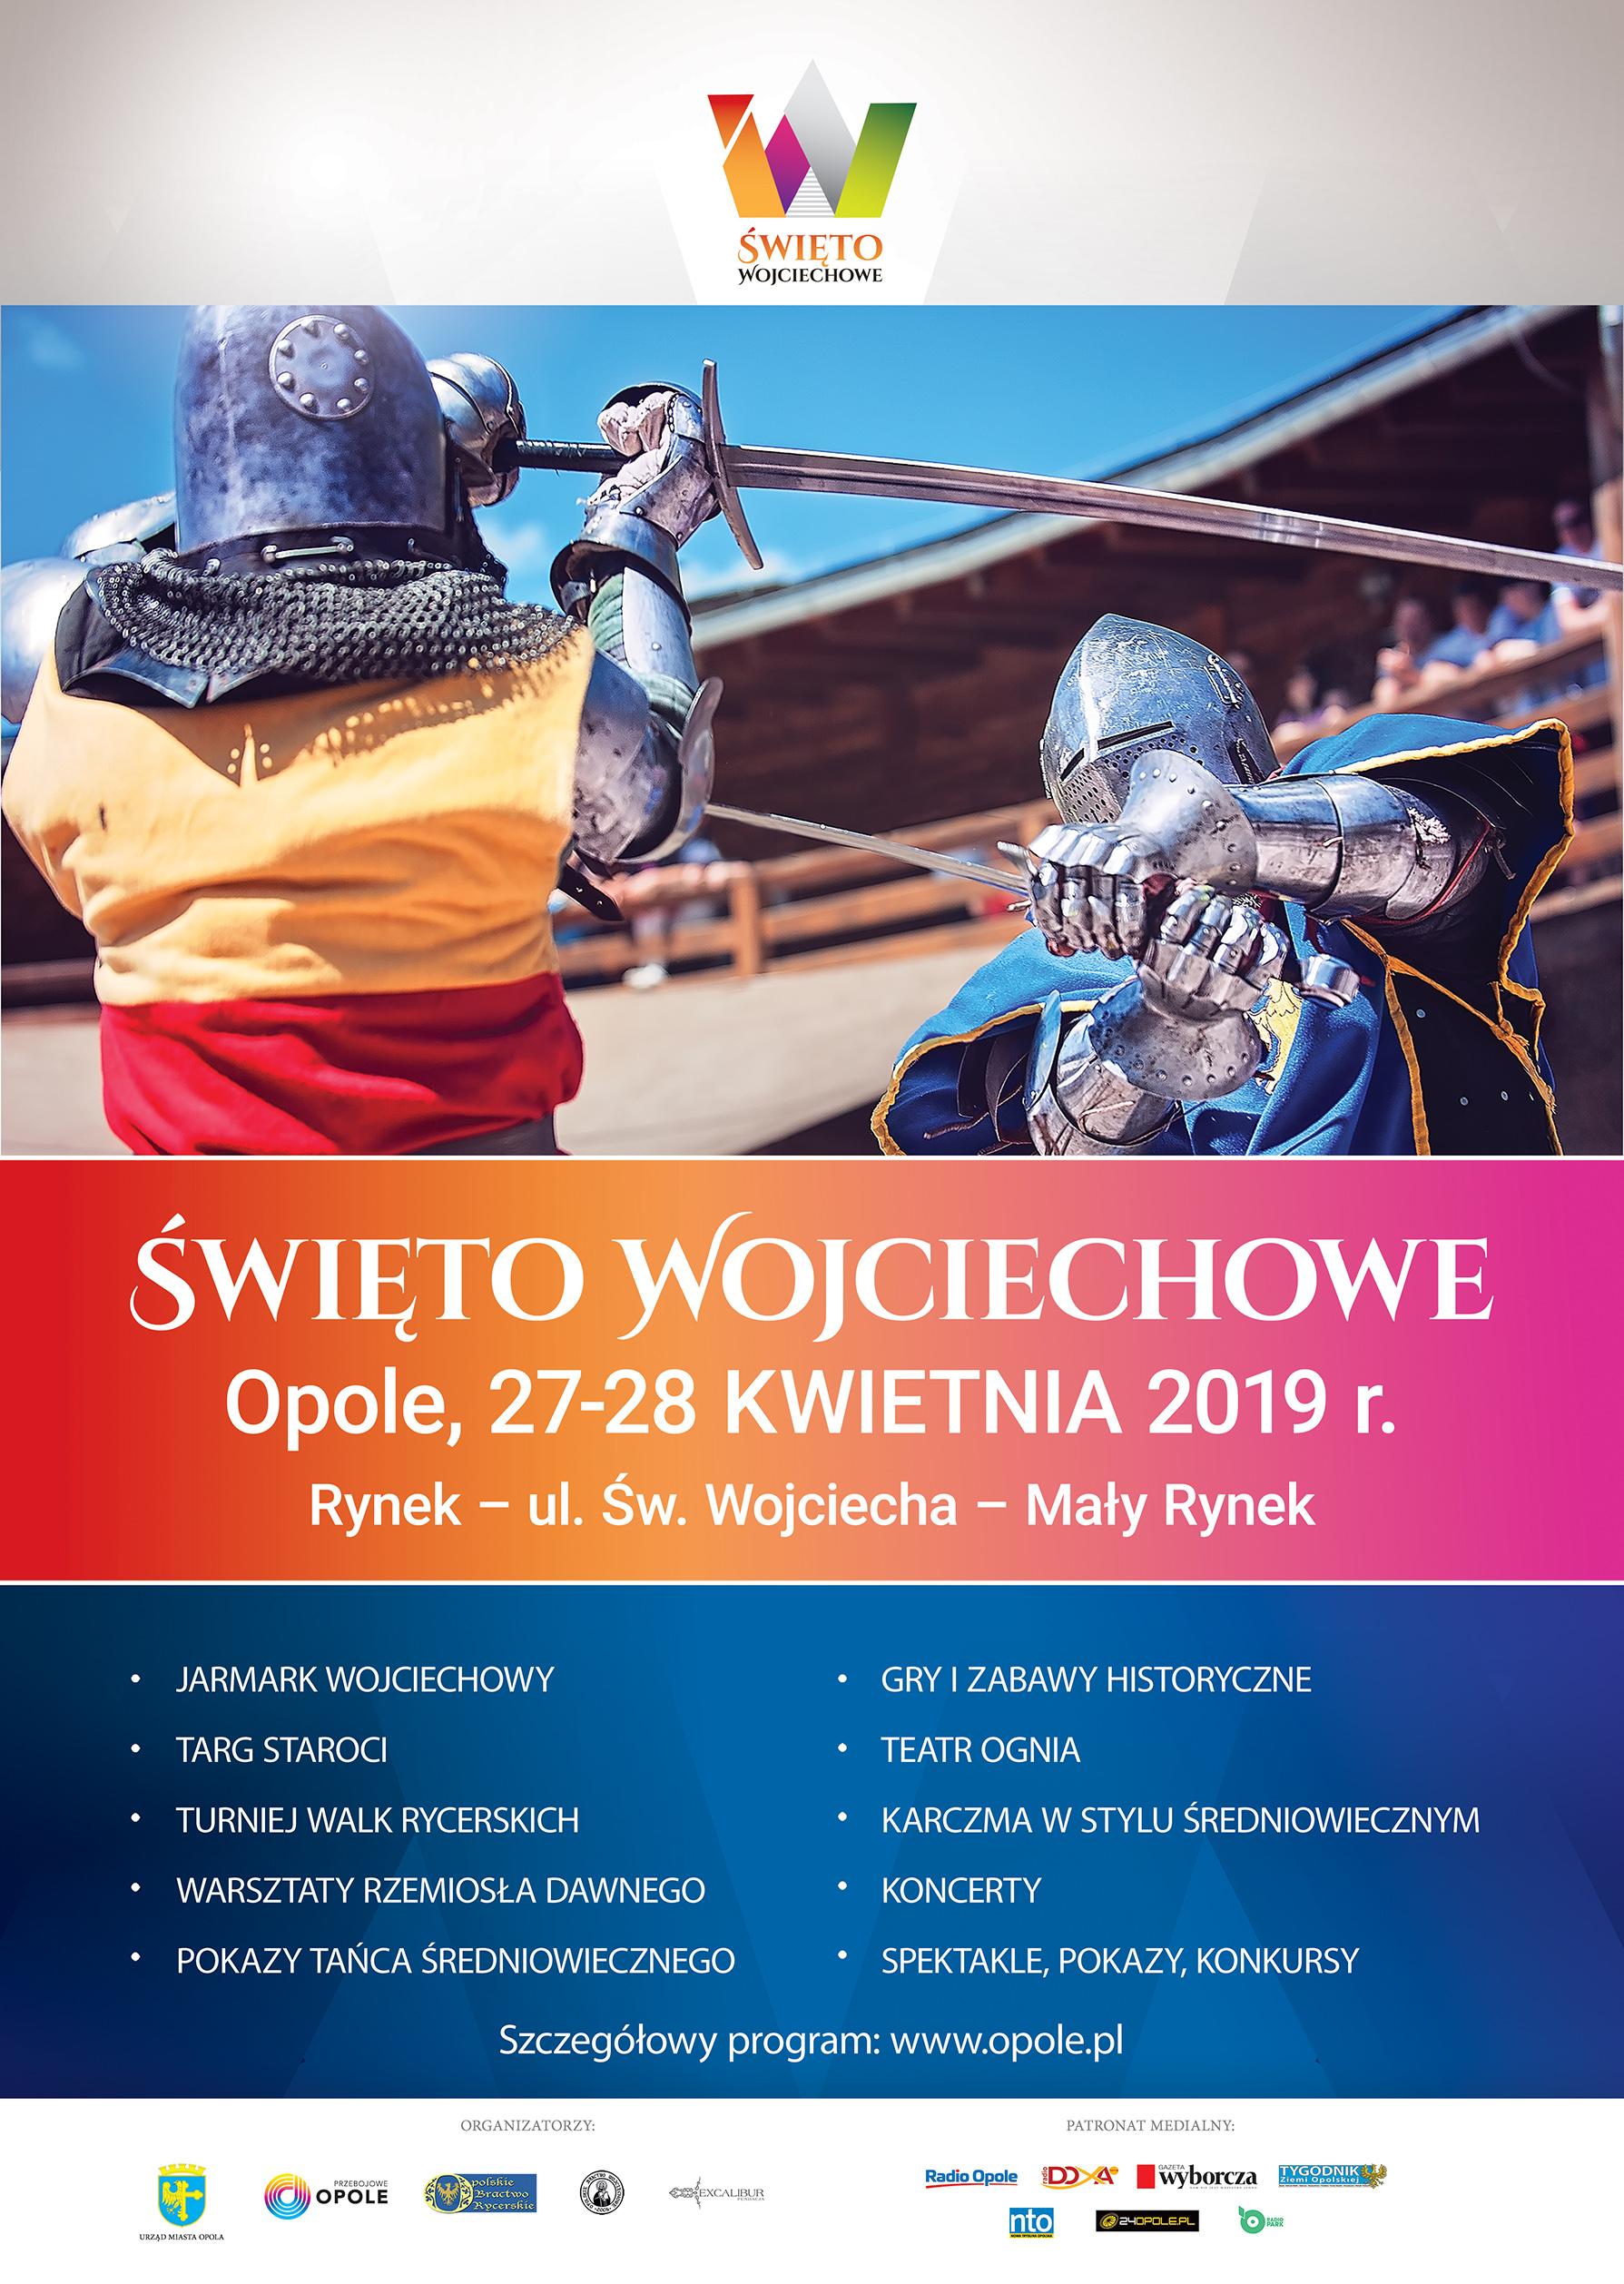 Tegoroczna feta dla św. Wojciecha odbędzie się w dniach 27 i 28 kwietnia